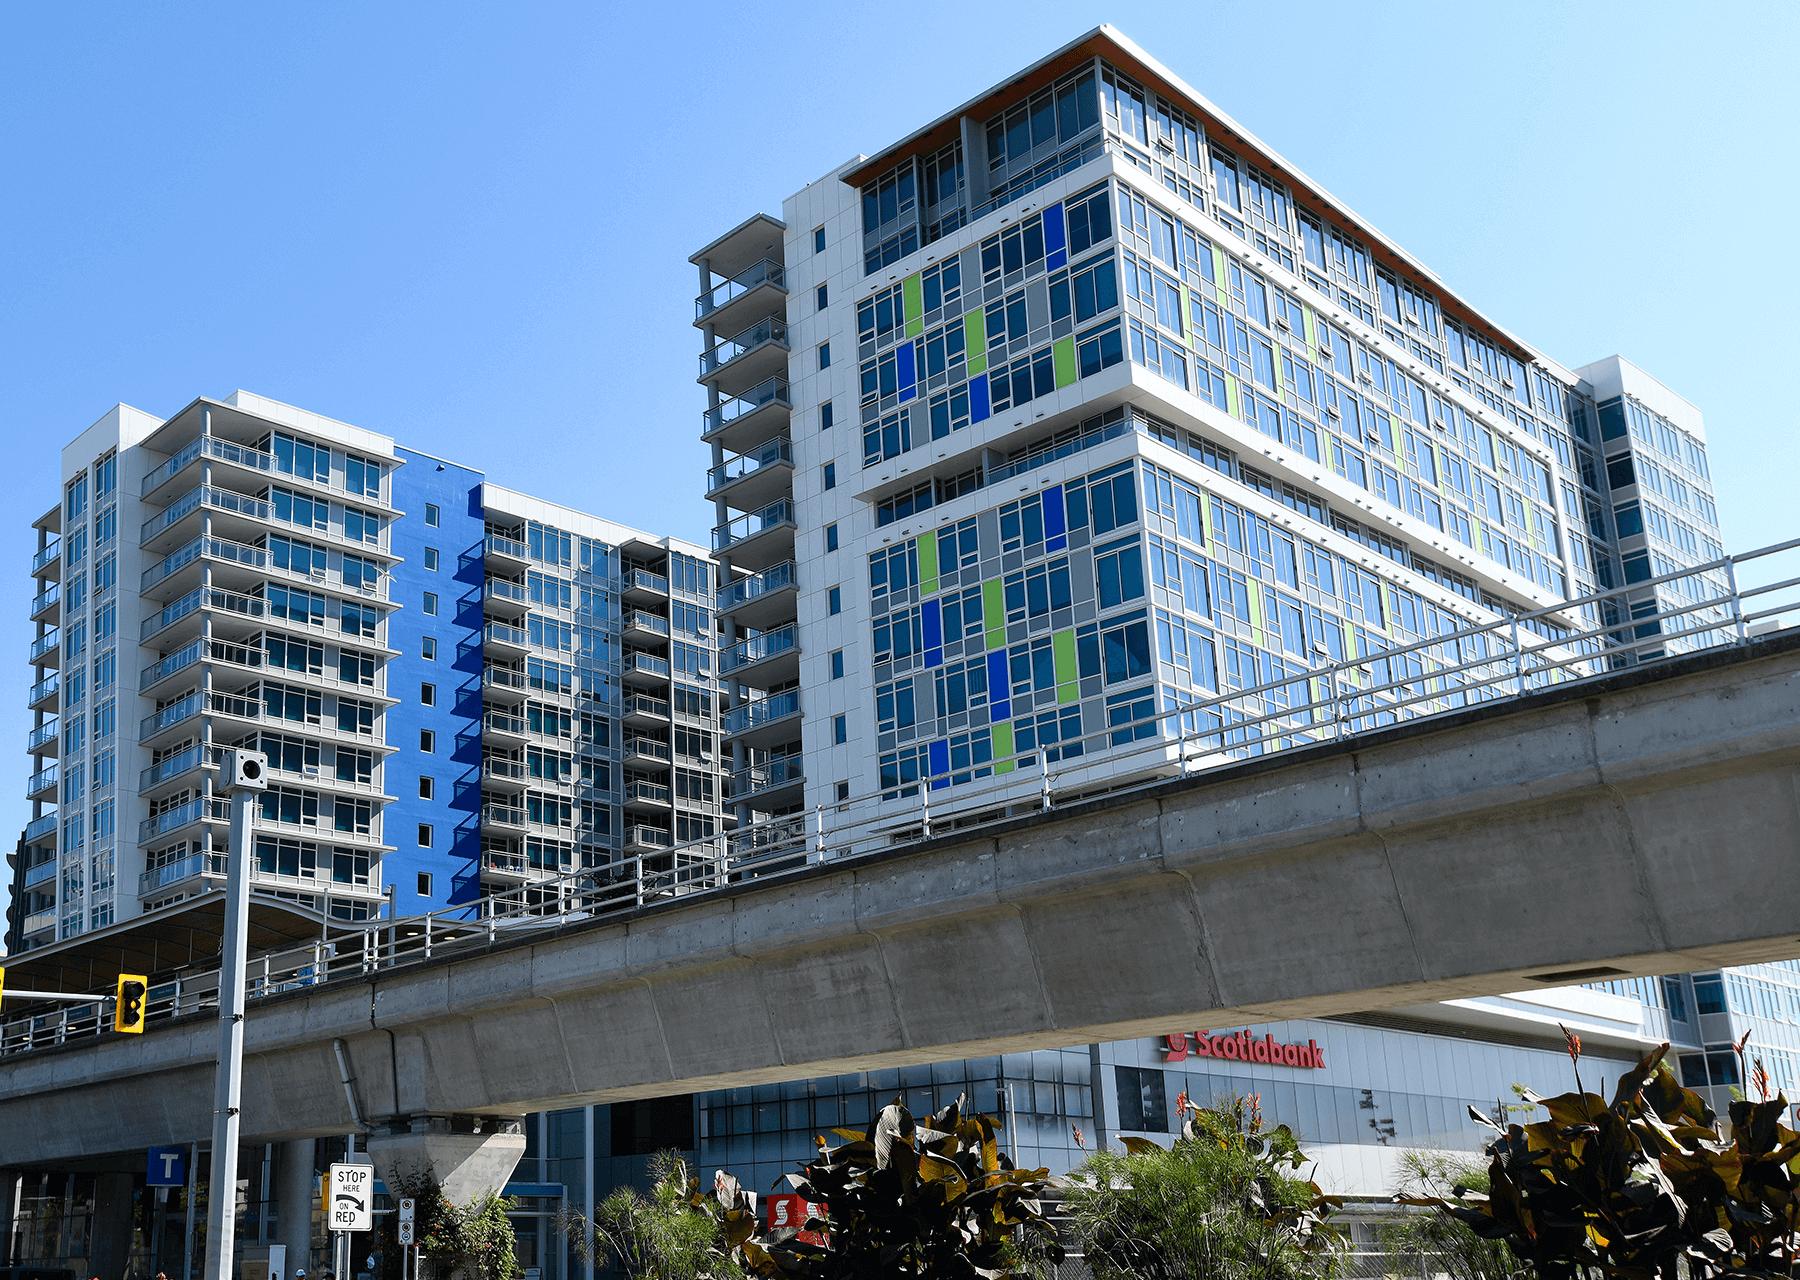 The Mandarin residence